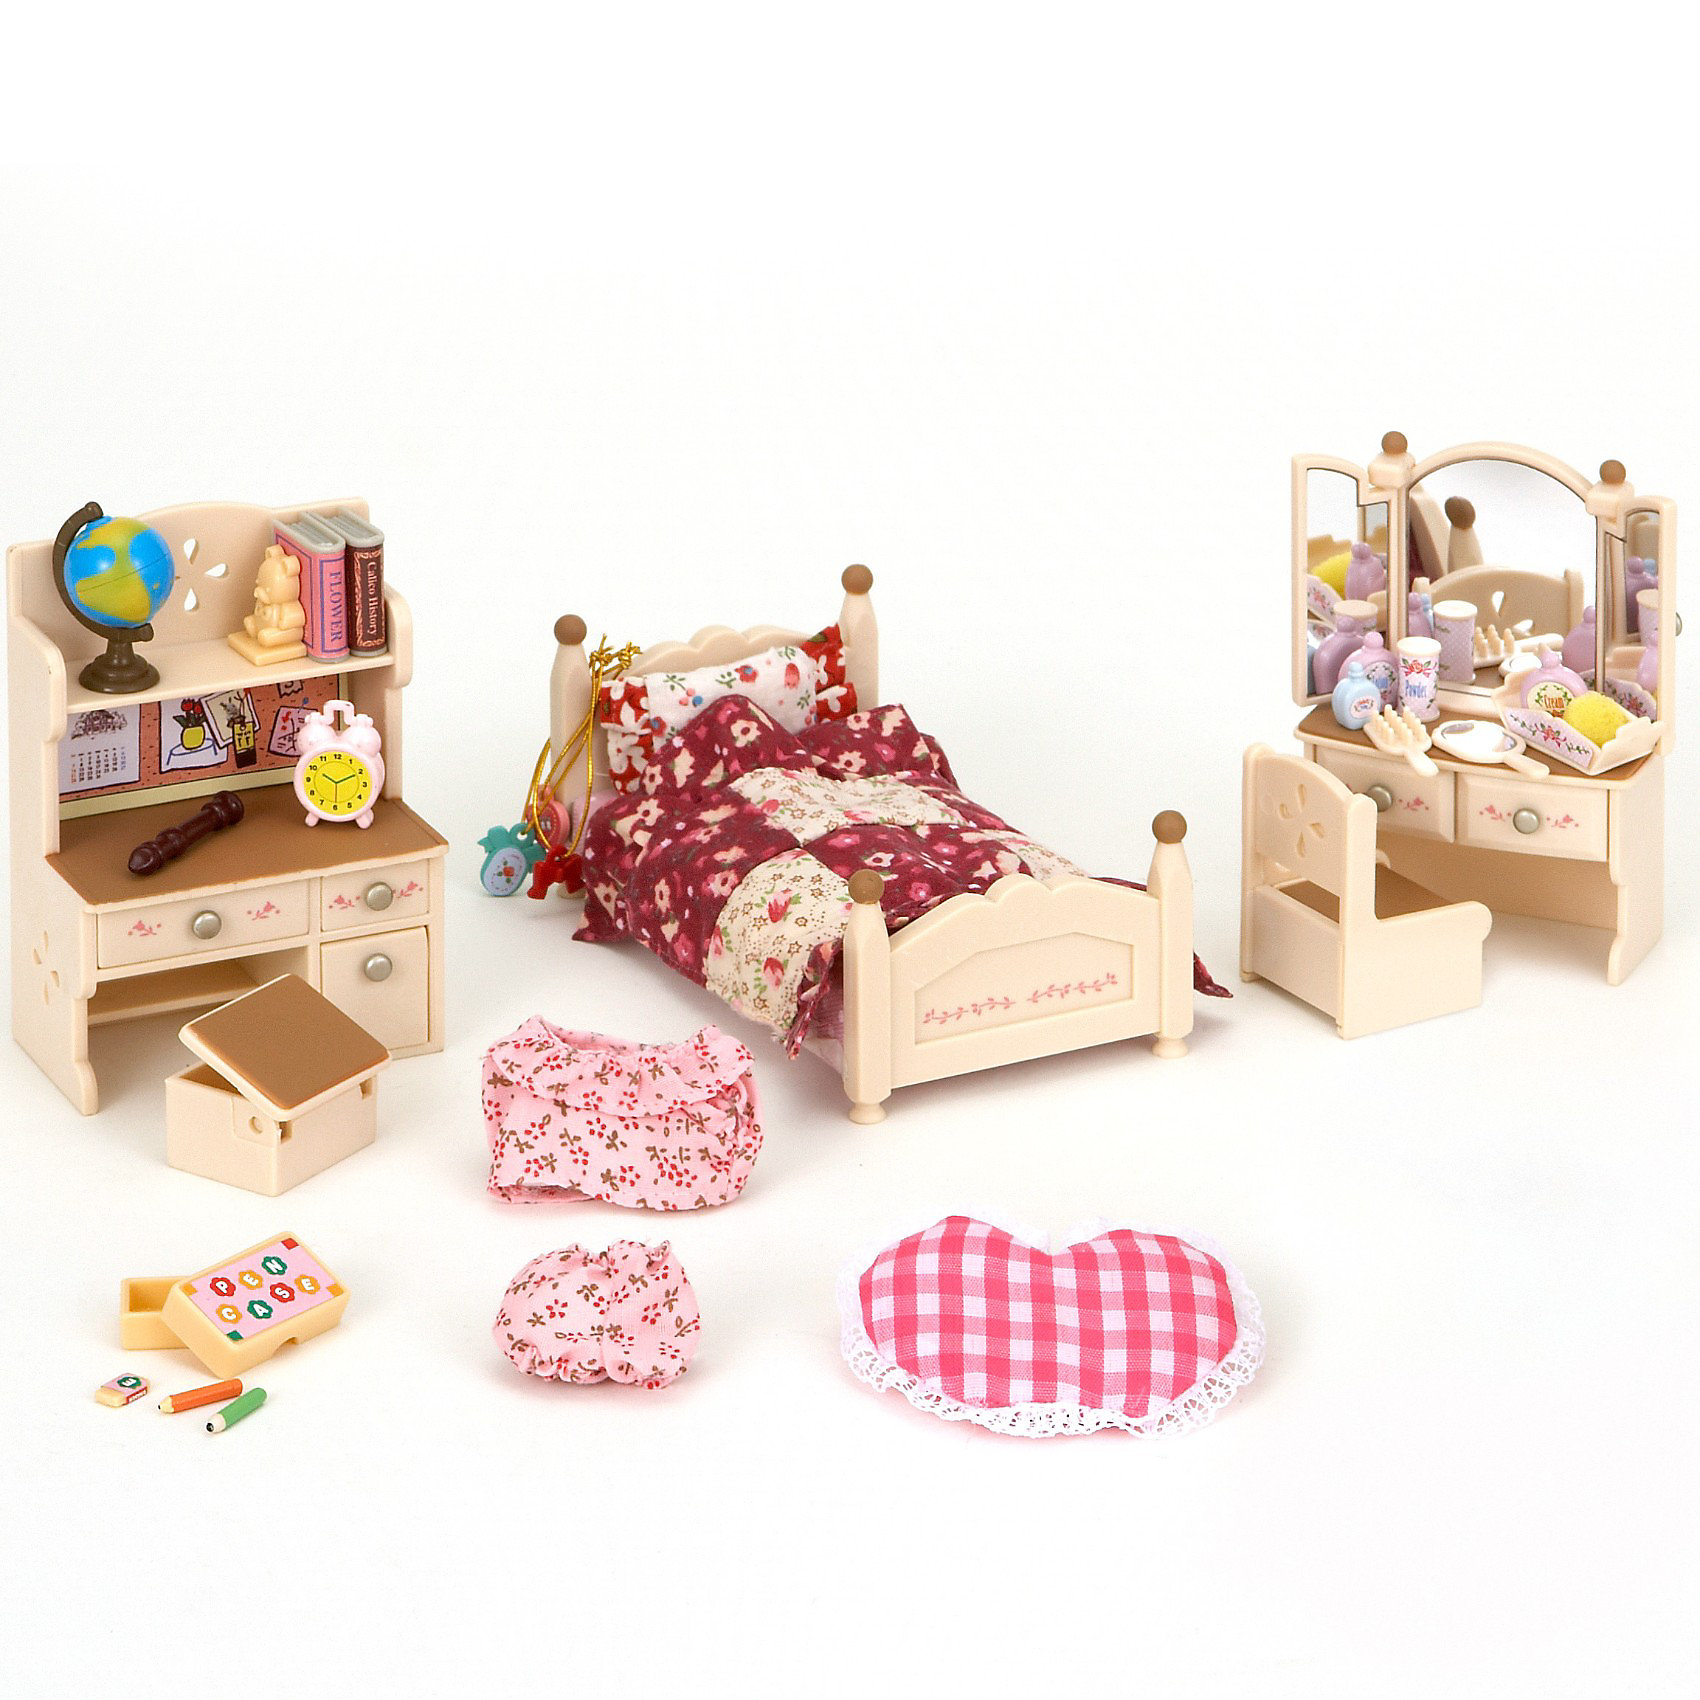 Набор Детская комната Sylvanian FamiliesНабор Детская комната (бежевая) - отличная спальня для девочки из большого семейства Sylvanian Families (Сильваниан Фэмилиес), где есть подростковая кровать, заправленная постельным бельем в стиле пэчворк. <br><br>В набор входит розовая пижама, трельяж, куда можно поставить разнообразные флакончики, положить расческу и маленькое  зеркальце, а в ящики трельяжа можно убрать украшения. <br><br>Кроме того, есть письменный стол с полкой, за которым удобно делать уроки, а на полке отлично поместятся книги и глобус. В спальный гарнитур также входит кресло и пуфик с открывающейся крышкой, клетчатая оригинальная подушка в форме сердца.<br><br>В наборе: <br><br>- Кровать (9х5x5 см)<br>- Туалетный столик <br>- Кресло <br>- Пуфик<br>- Стол (6,5x4x9,5 см) <br>- Аксессуары<br><br>Дополнительная информация:   <br><br>- Материал: пластик. <br>- Размер упаковки: 30x7x15 см. <br>- Вес упаковки: 200 г.<br><br>Ширина мм: 304<br>Глубина мм: 172<br>Высота мм: 66<br>Вес г: 336<br>Возраст от месяцев: 36<br>Возраст до месяцев: 72<br>Пол: Женский<br>Возраст: Детский<br>SKU: 2531412